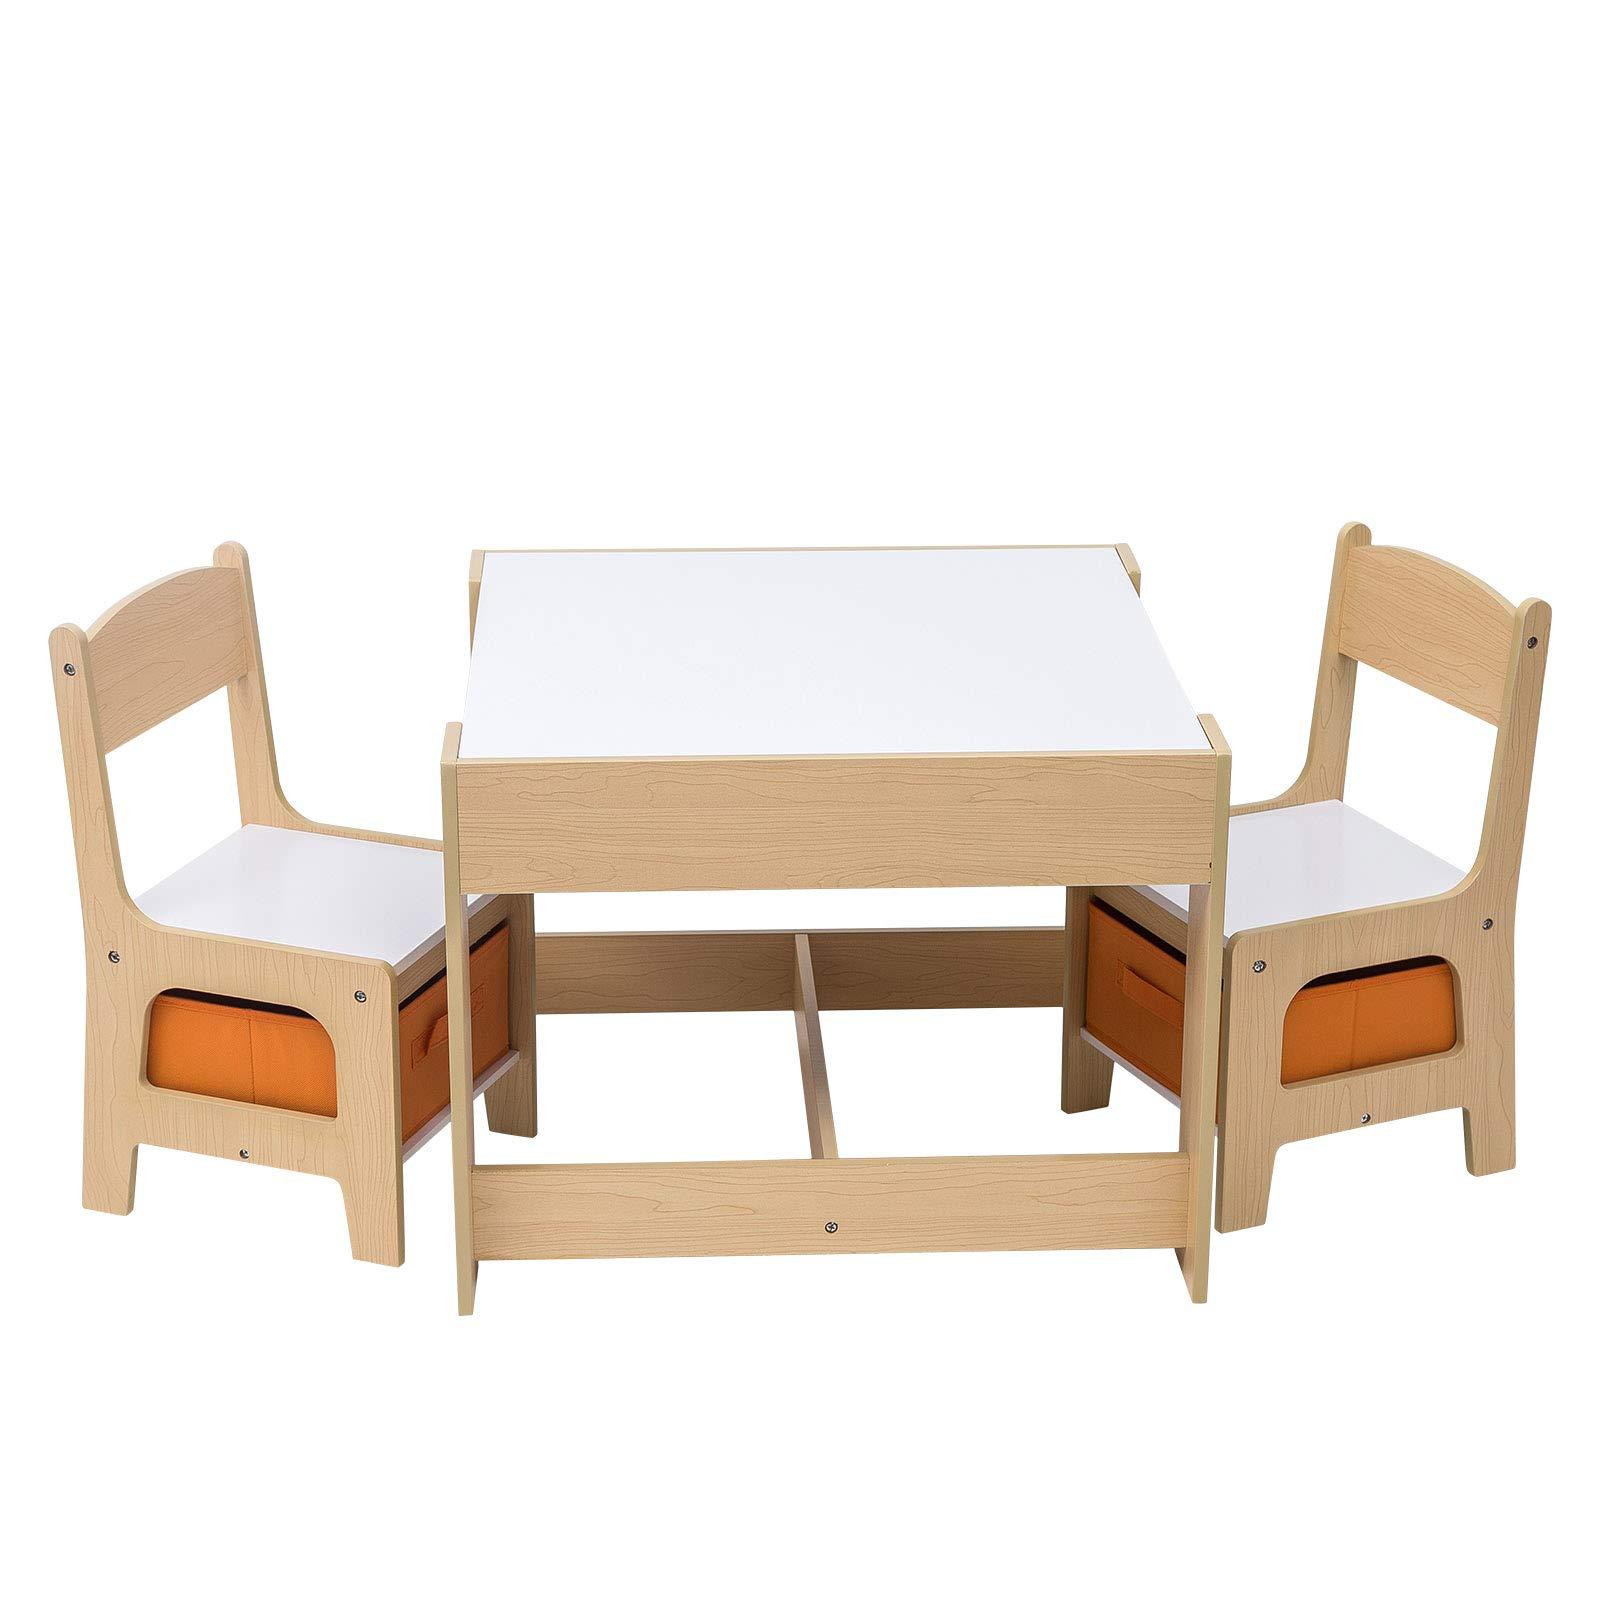 Tavoli E Sedie In Legno.Woltu Kid001 Set Mobili Con Lavagna Contenitore Tavolo E Sedie Per Bambini Gioco Soggiorno Tavolino Con 2 Sgabelli In Legno Giochi Legno